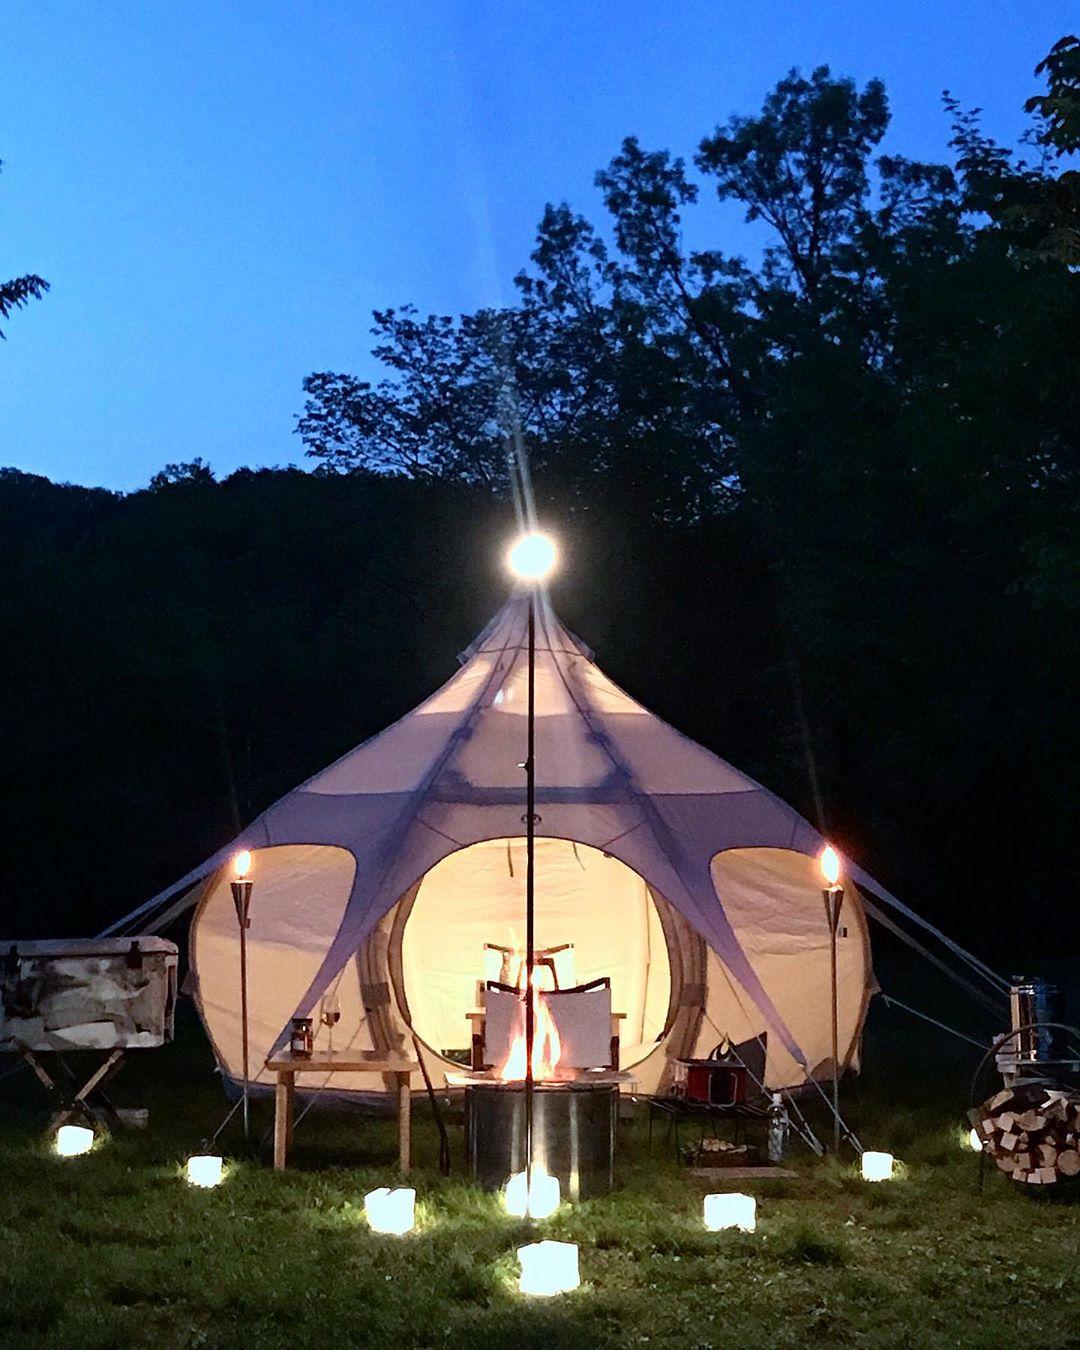 夜間に自分のテントを見つける目印にもなる。「オイルトーチ」| エープラス